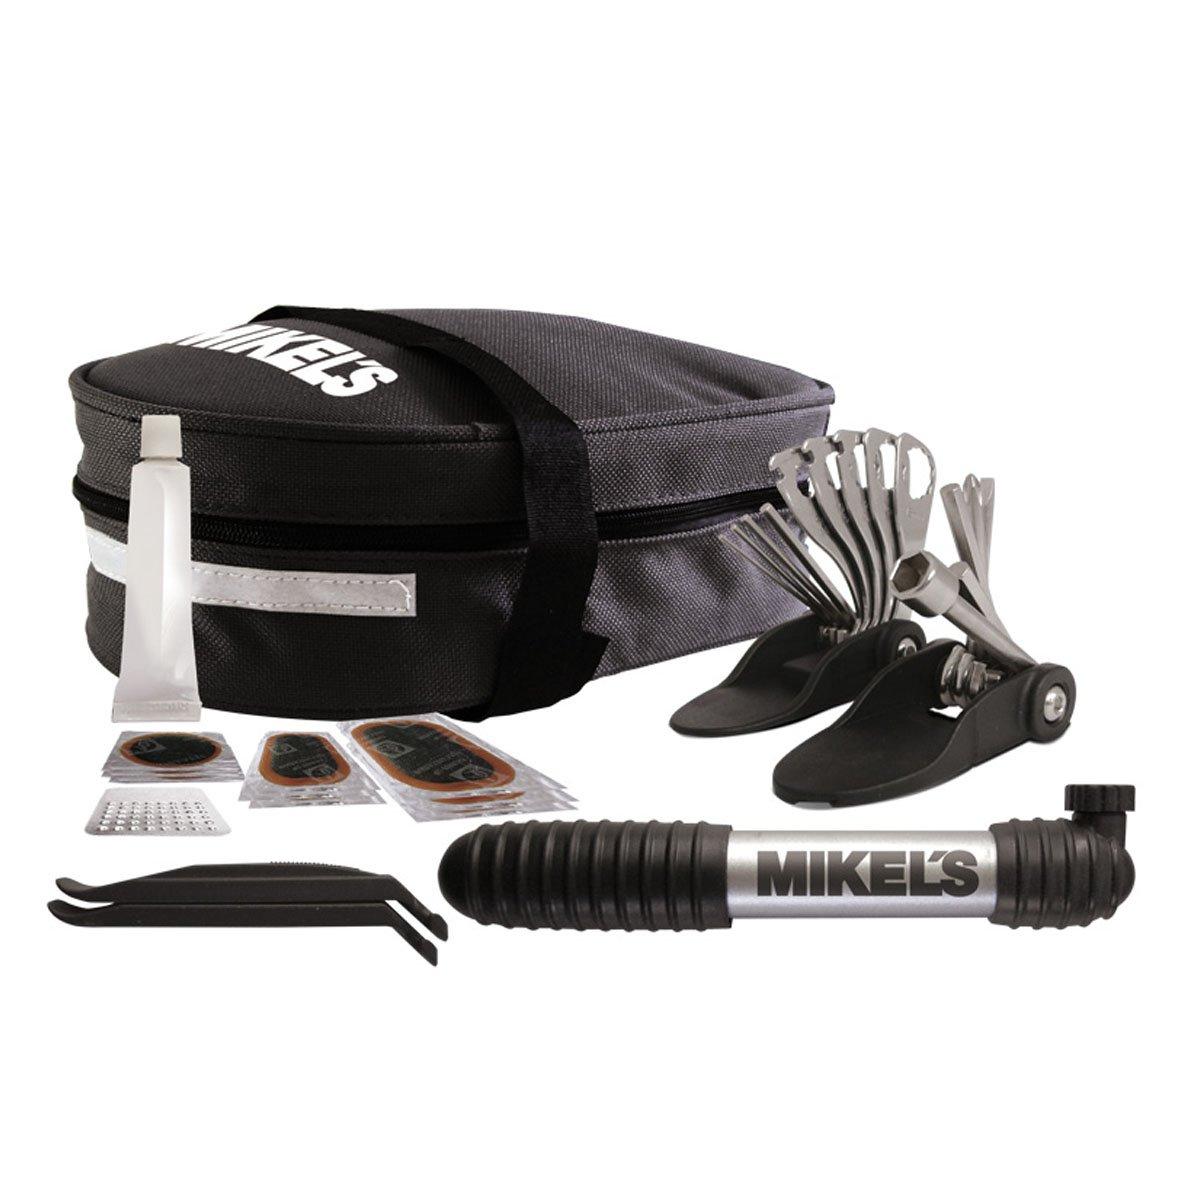 Kit para Ciclismo Mikels 22 en 1